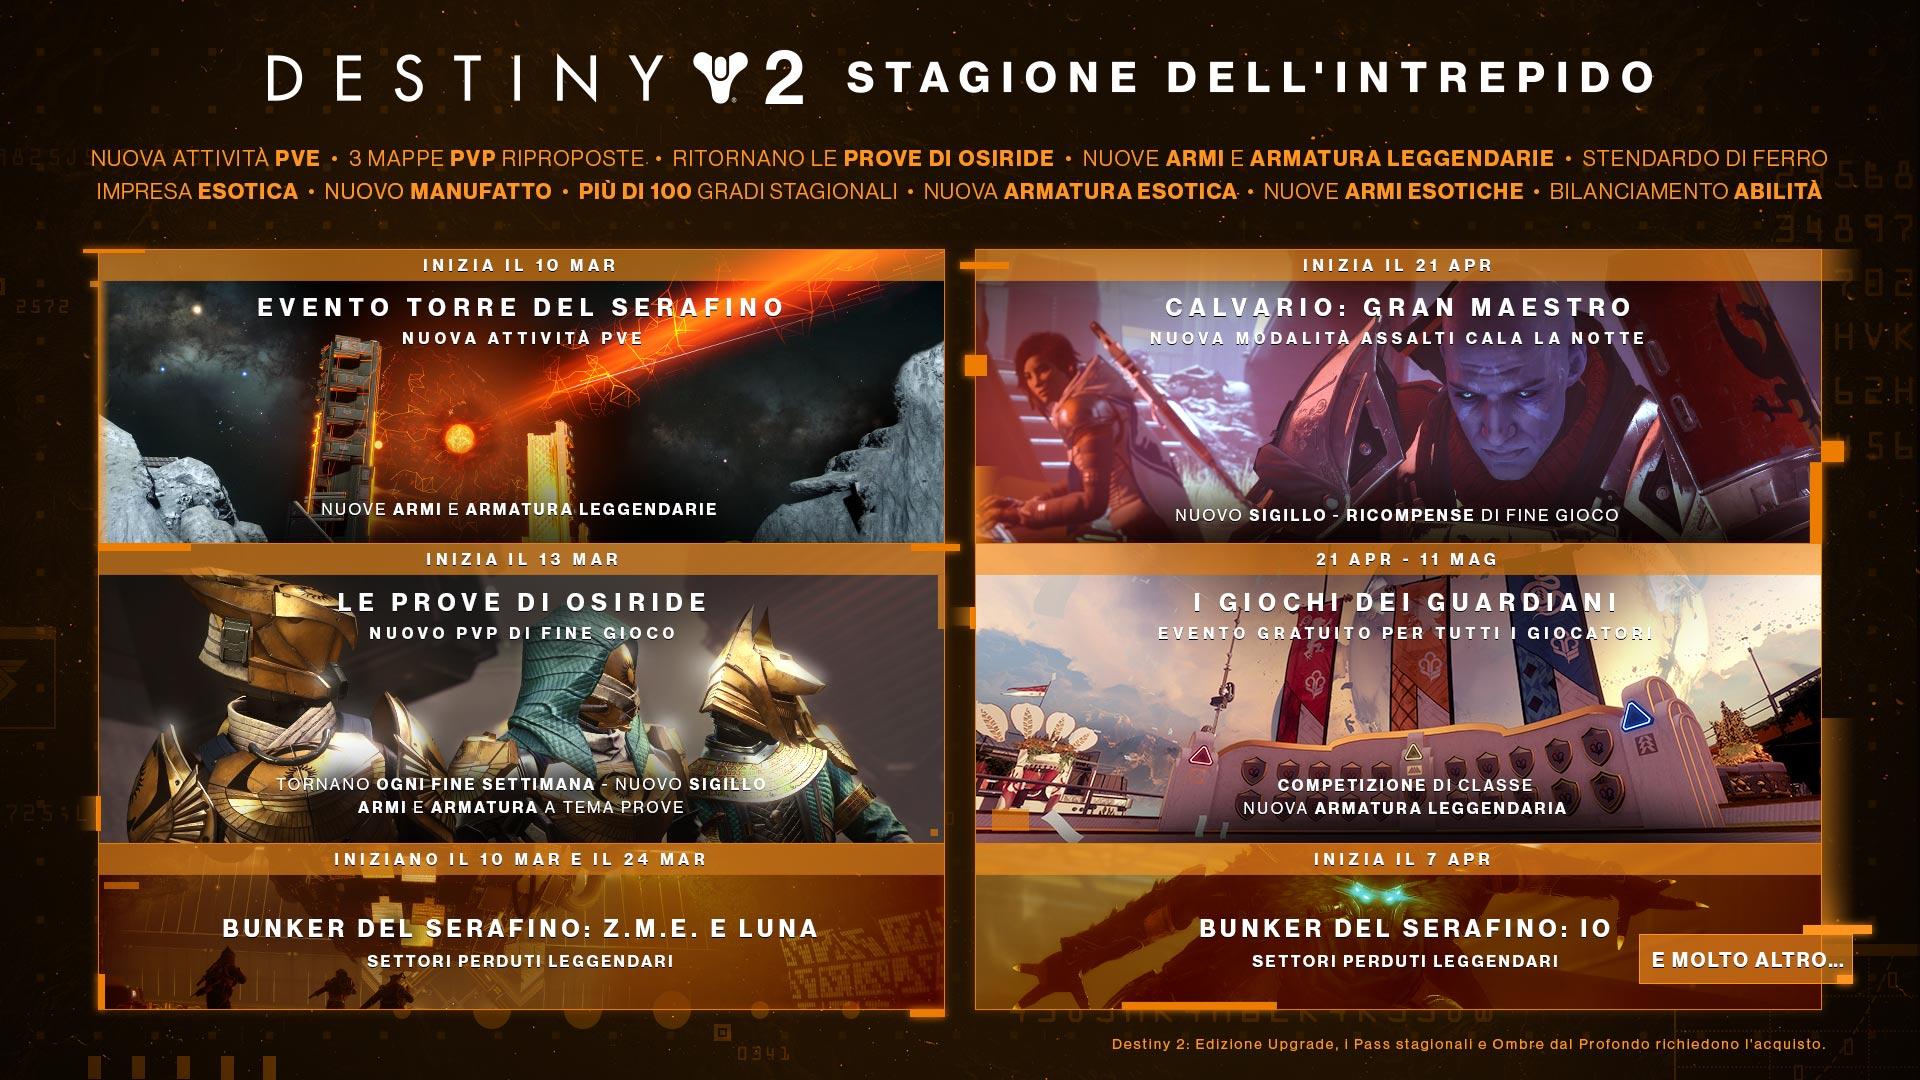 Destiny 2 Stagione dell'intrepido